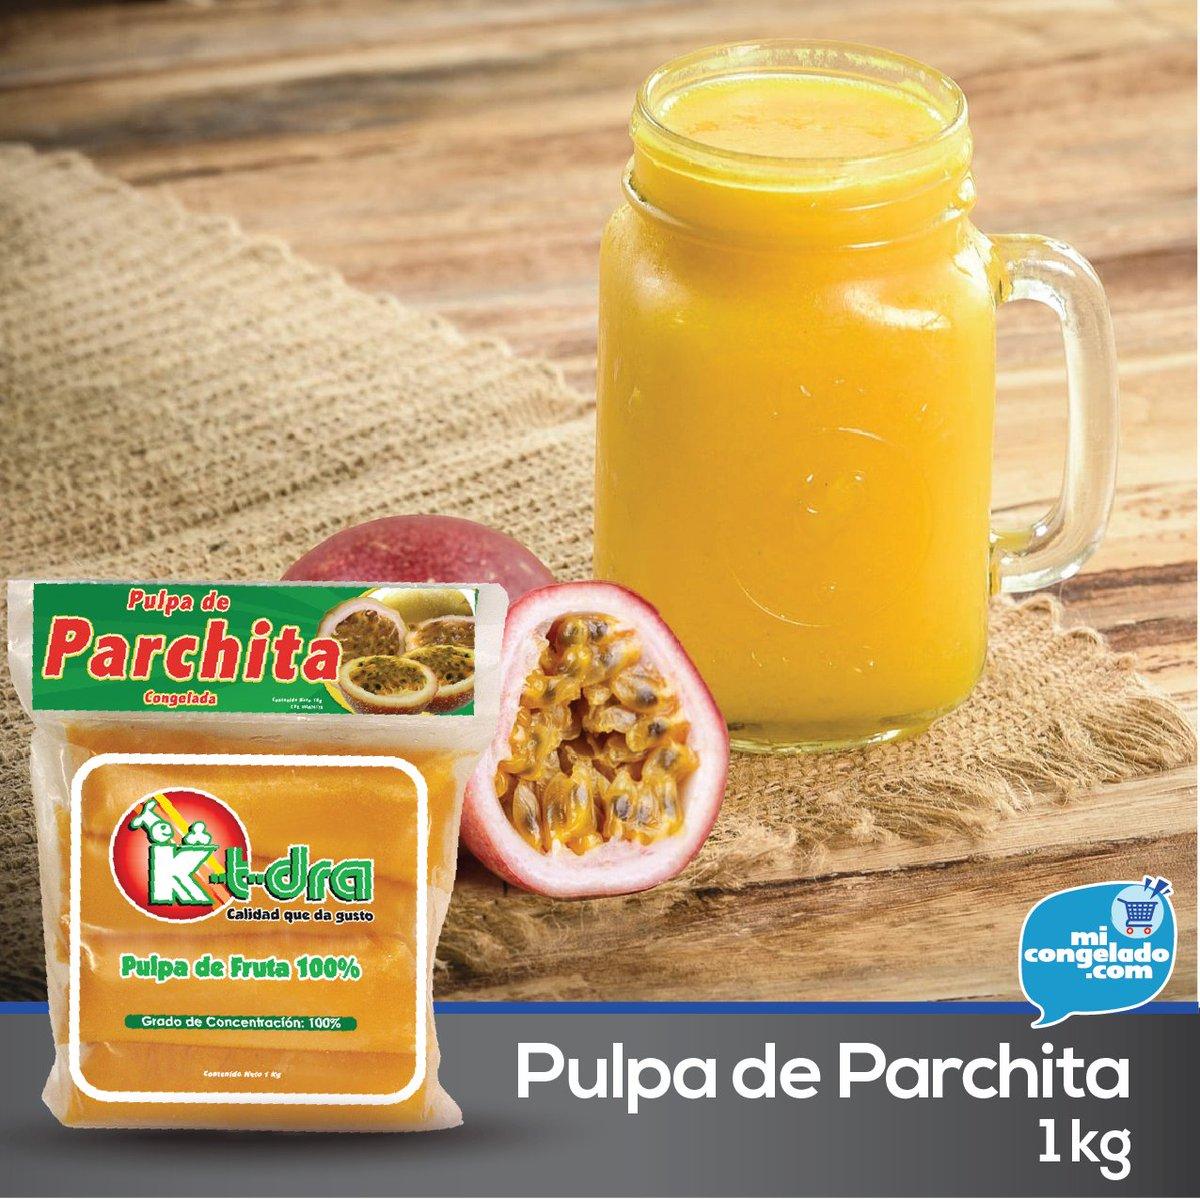 Pulpa de Parchita 100% natural - 1 kg  Disponible Pedidos vía WhatsApp —— #Ktdra #PulpadeFruta #Parchita #Congelada #Micongelado #Delivery #Caracas https://t.co/rWgP51Hsoc